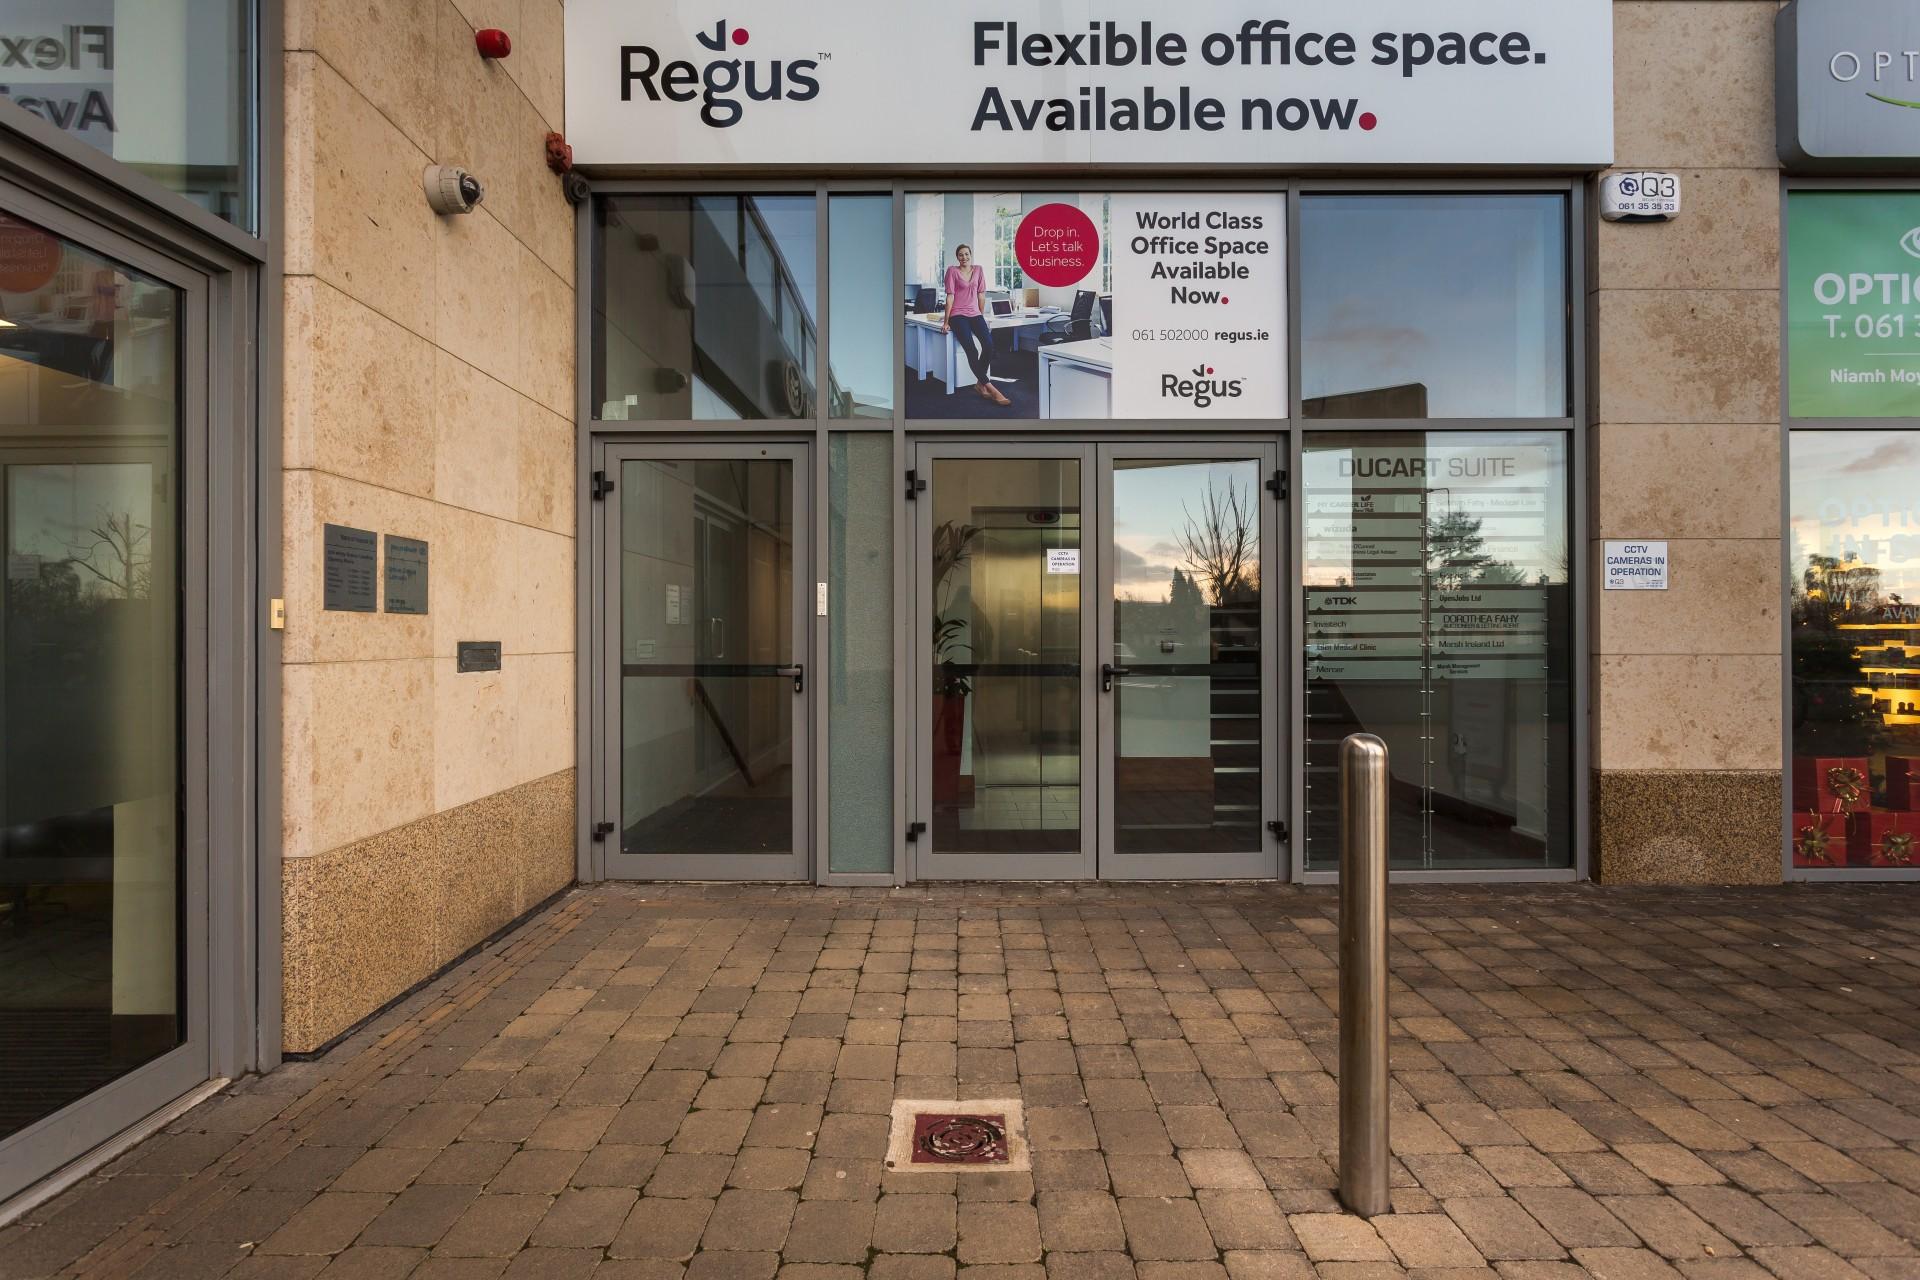 Regus - Ducart Suite